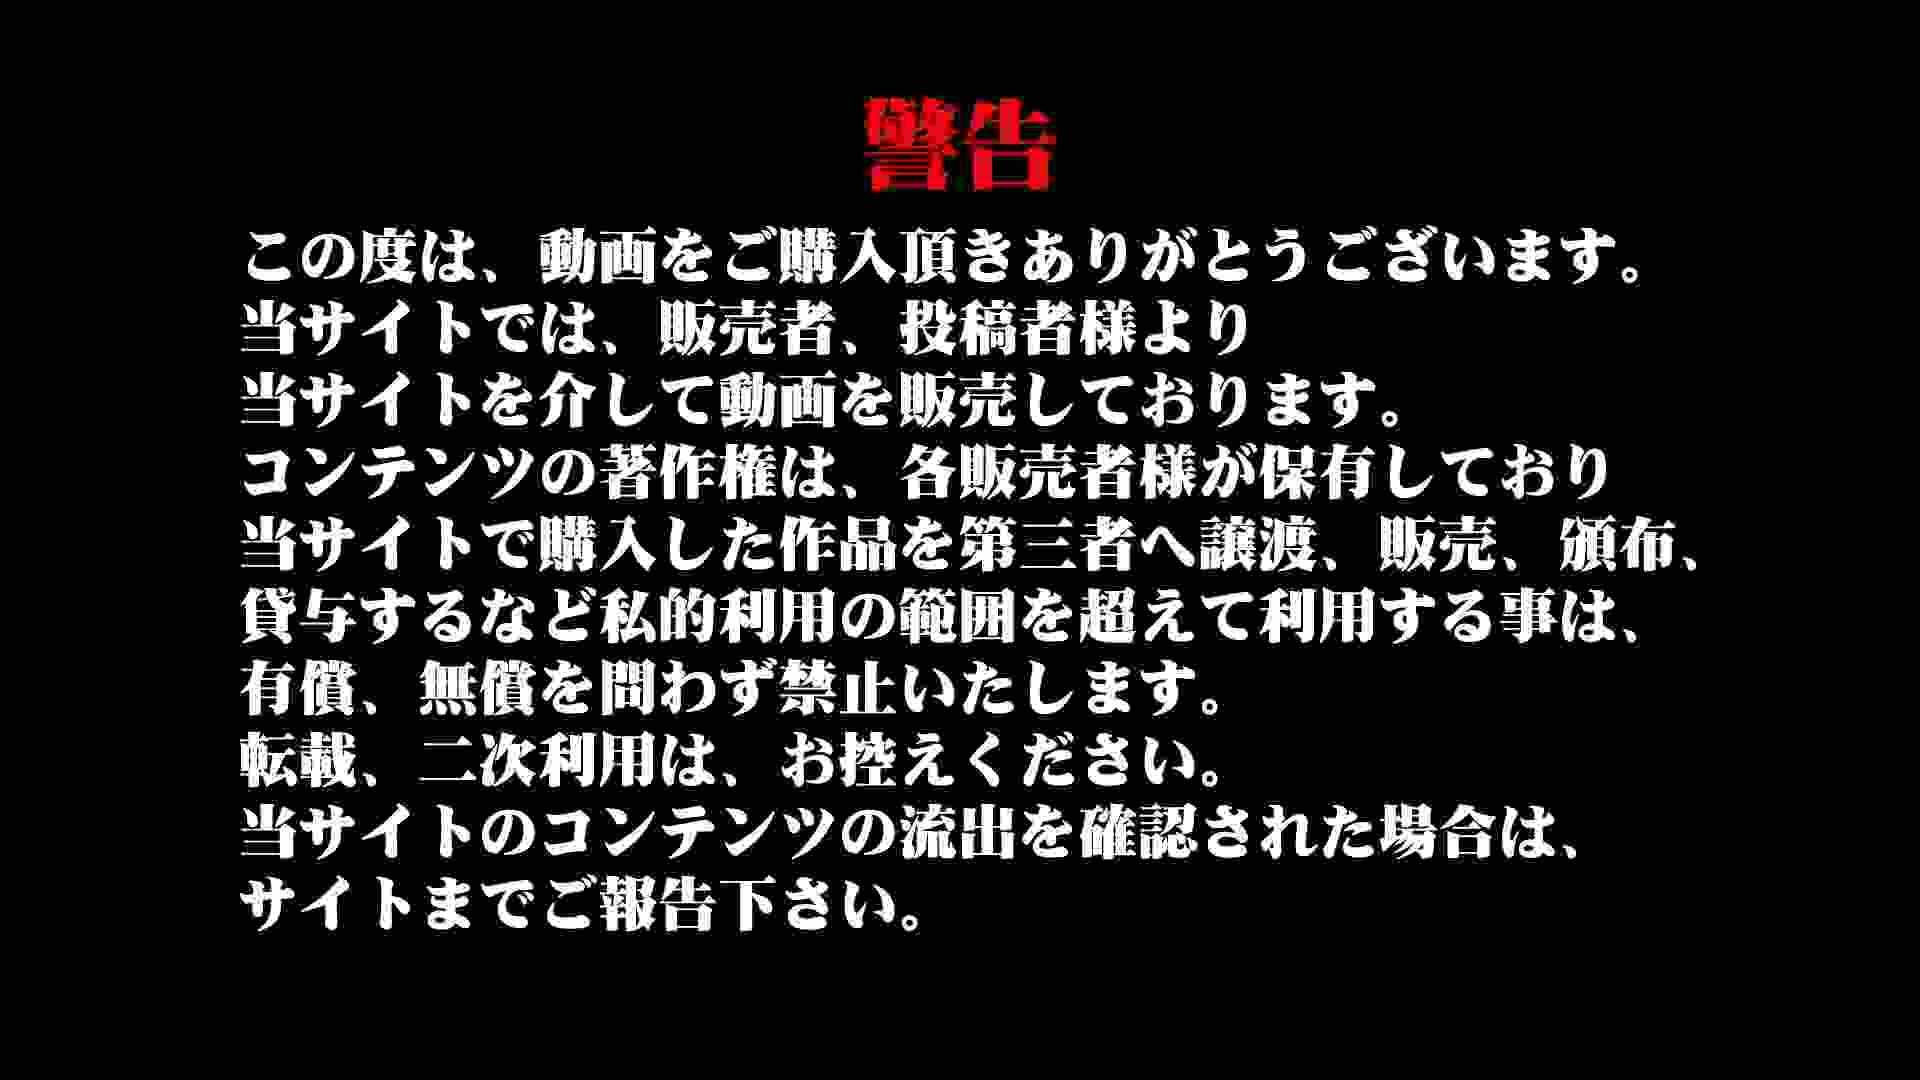 ギャルのツルピカ潜入盗撮!Vol.14 ギャル・コレクション | 盗撮エロすぎ  66連発 3